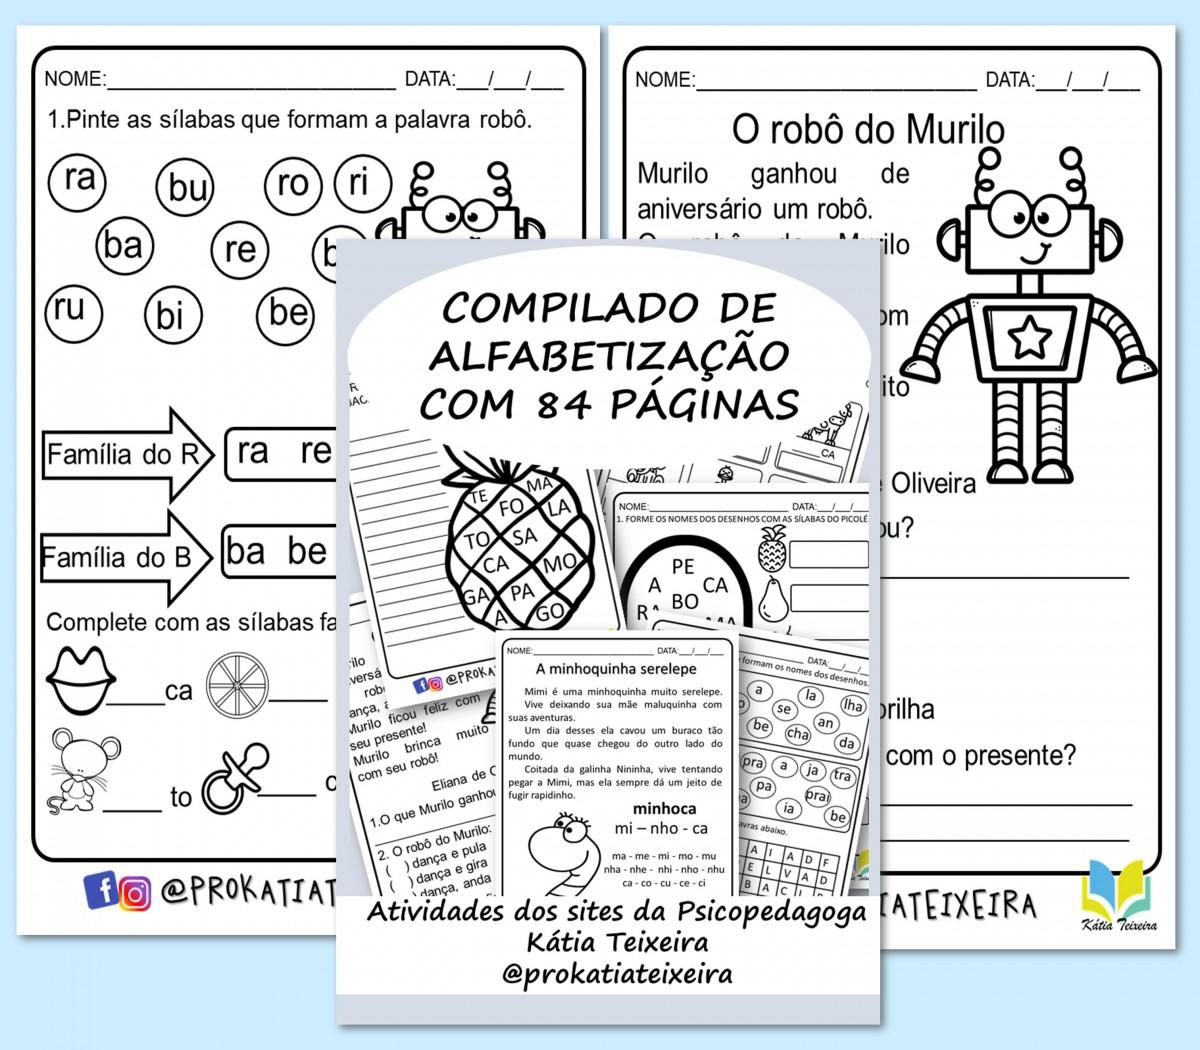 Foto 1 - Compilado de atividades de alfabetização Kátia Teixeira com 84 páginas